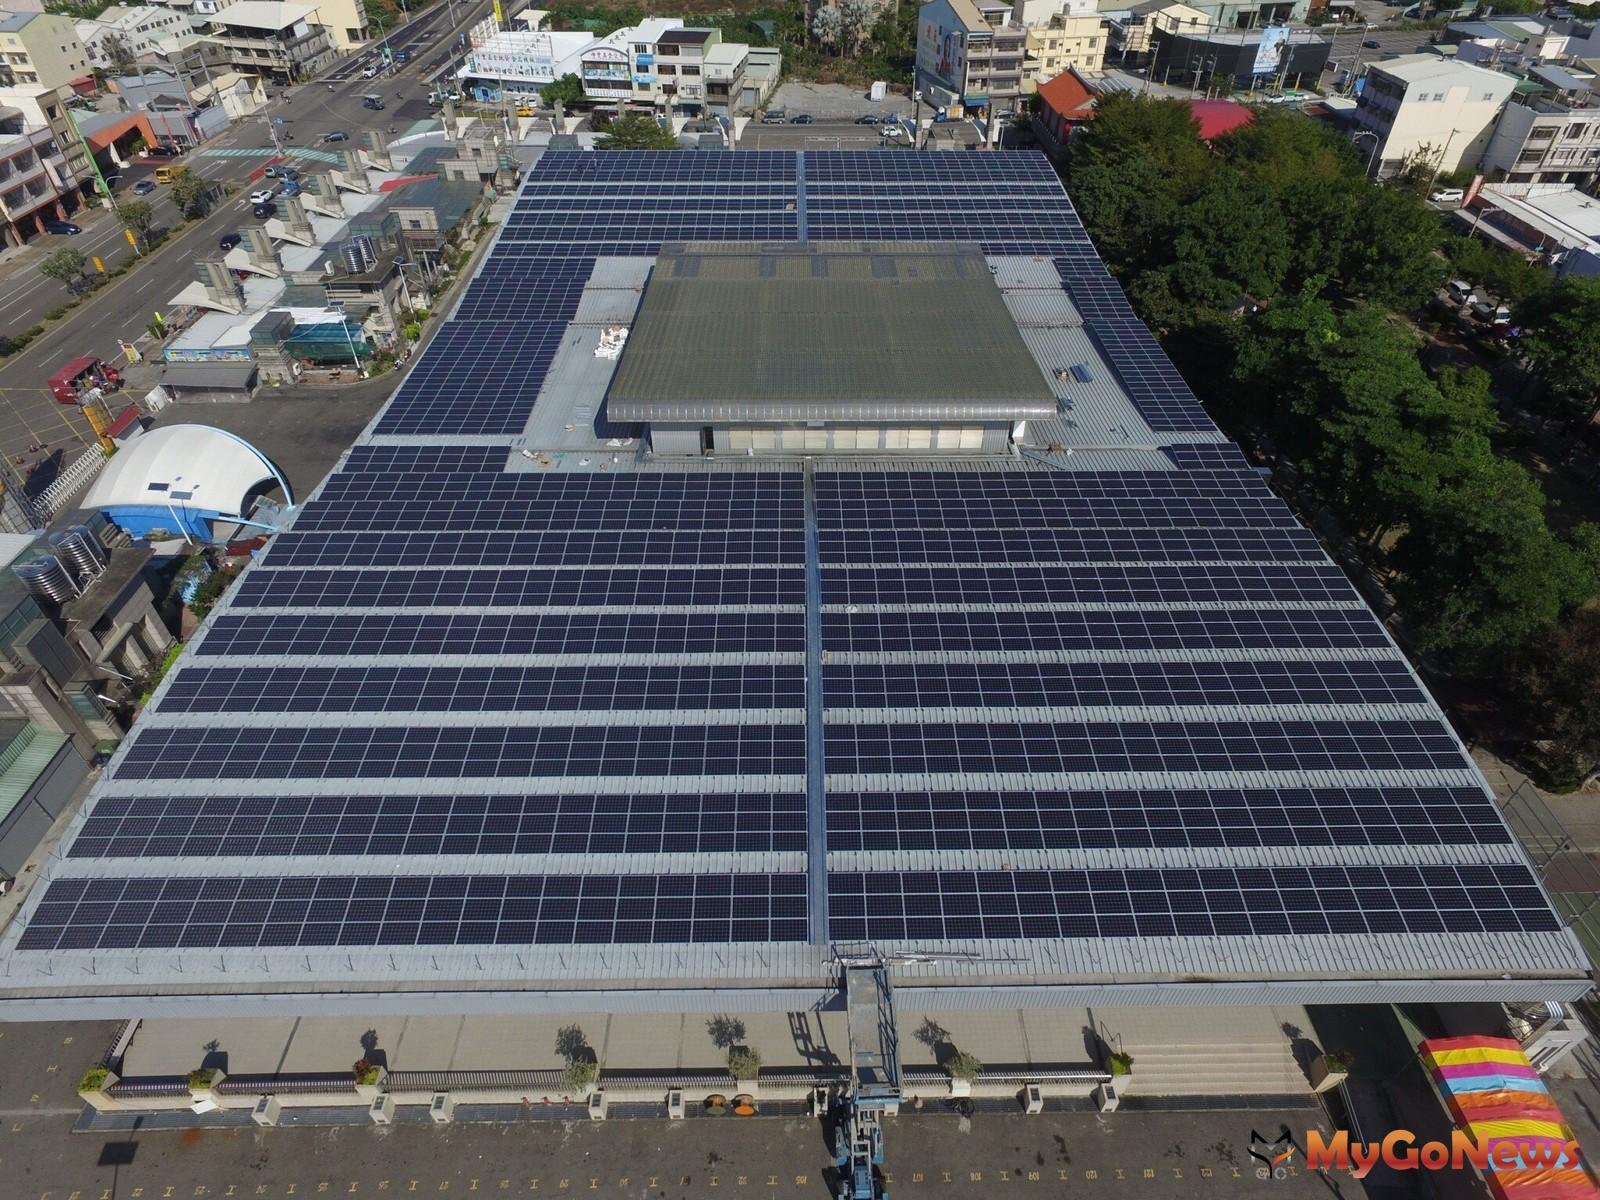 中市加碼補助設置太陽光電,工廠類建築物最高50萬元(圖/台中市政府) MyGoNews房地產新聞 區域情報